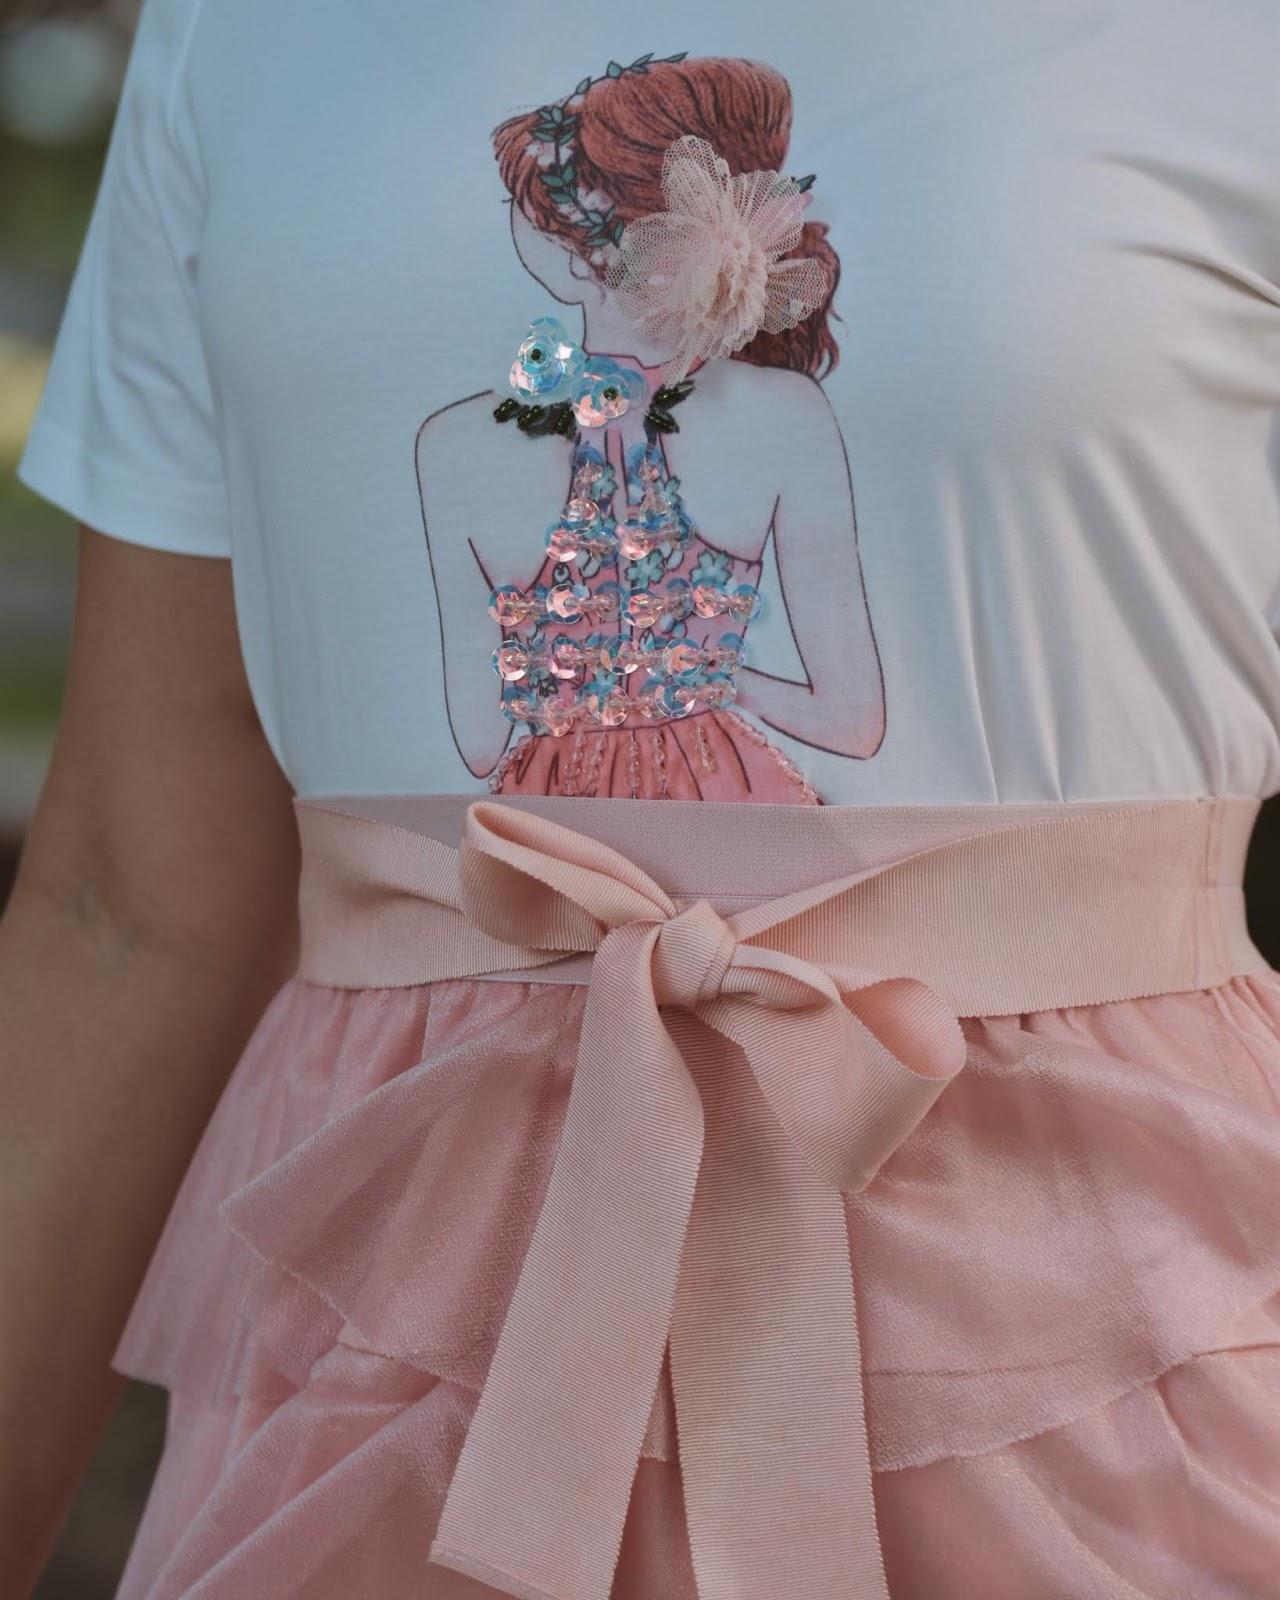 Como Combinar Una Falda Rosa Palo-mariestilo-como crear outfits desde cero-como combinar ropa mujer-como crear outfits-canal de mariestilo-